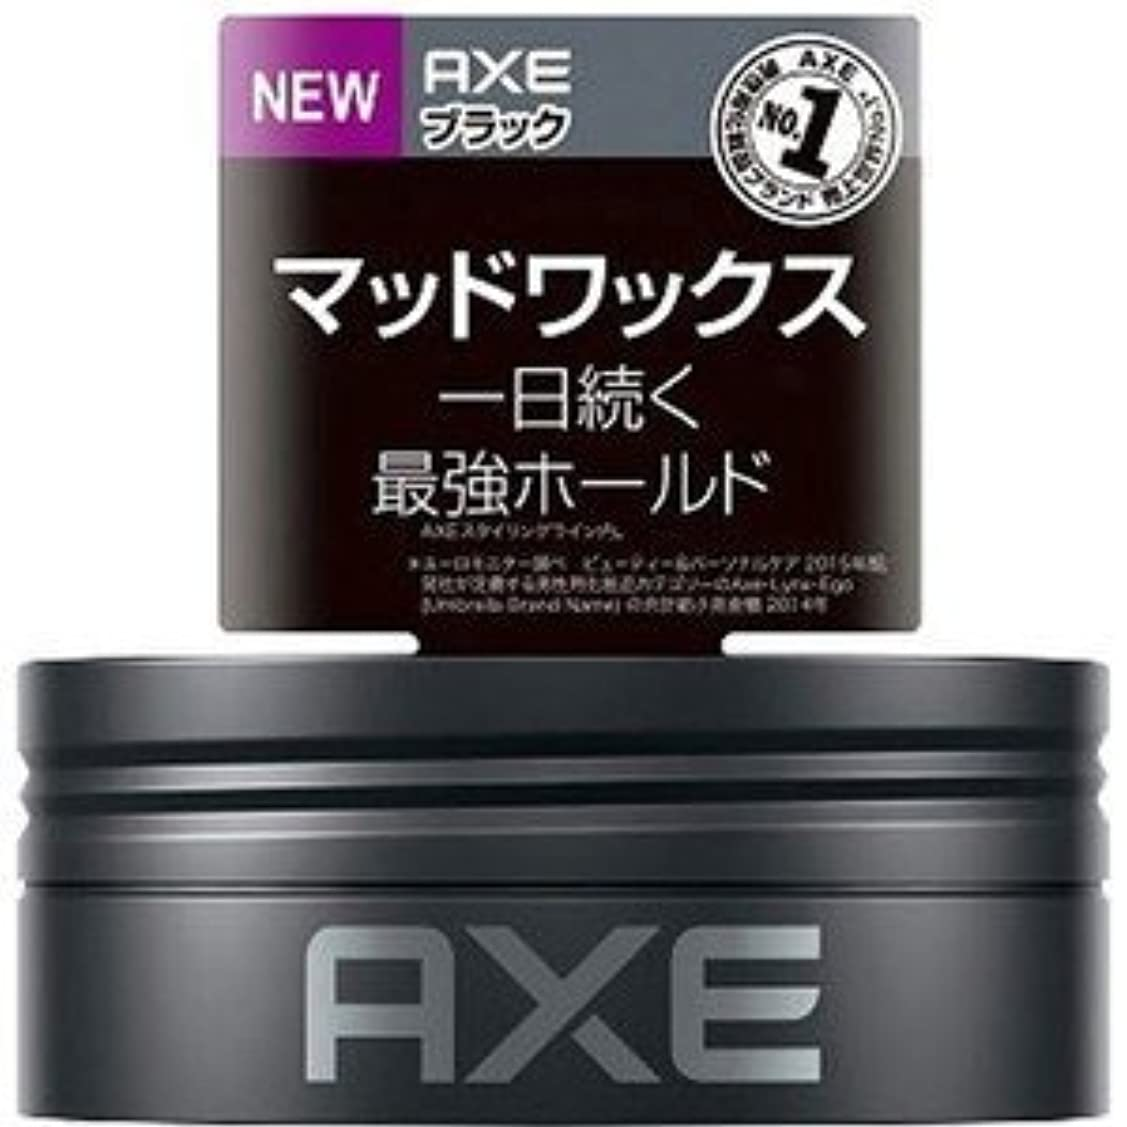 排他的ビリーチョコレート(2016年春の新商品)(ユニリーバ)AXE(アックス) ブラック デフィニティブホールド マッドワックス 65g